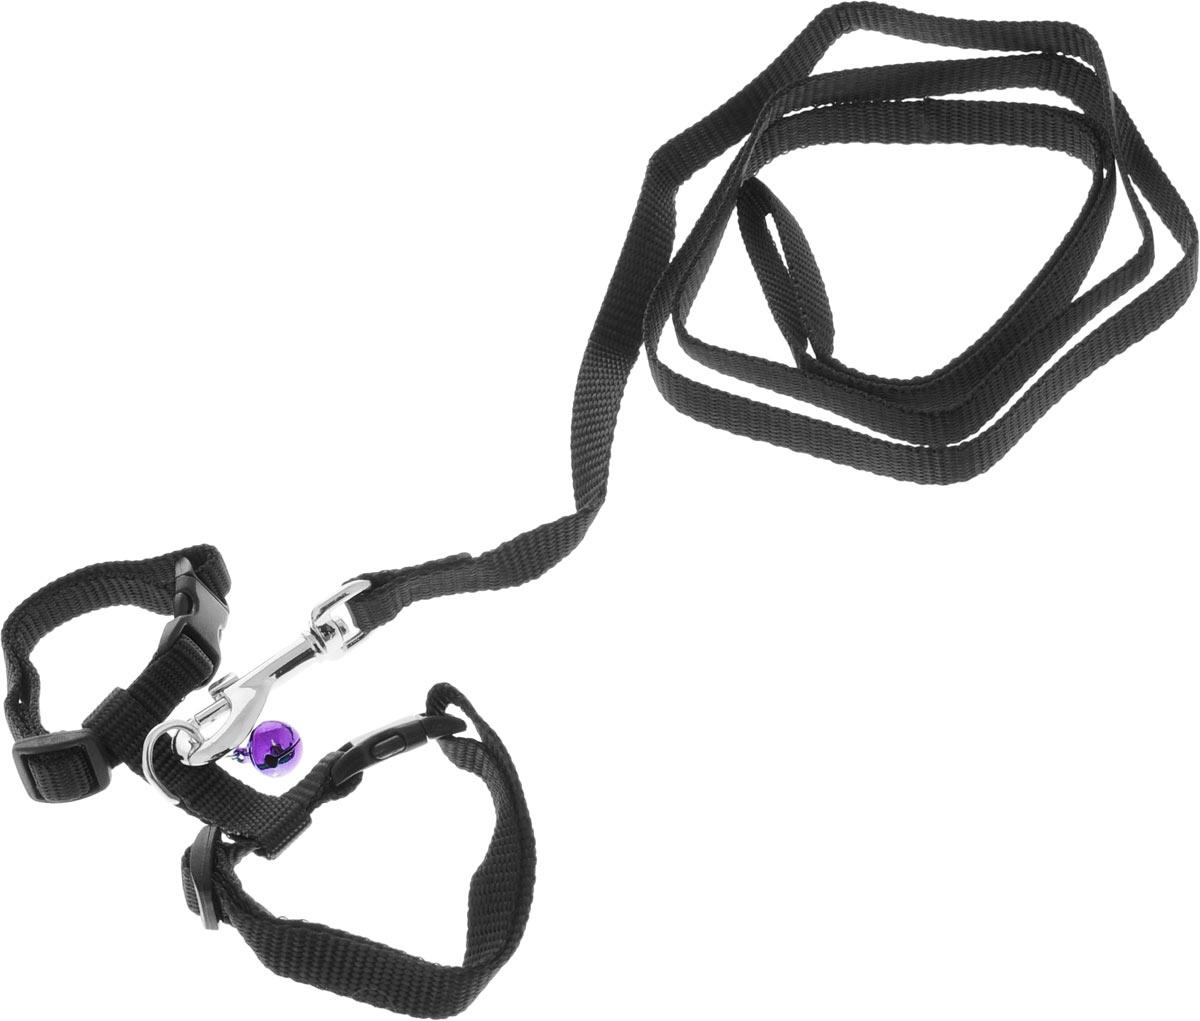 Шлейка для грызунов Каскад, с поводком, цвет: черный, ширина 10 мм, обхват груди 20-30 смок15_синийШлейка изготовлена из прочного нейлона и дополнена бубенчиком, подходит для домашних грызунов. Крепкие металлические элементы делают еенадежной и долговечной. Шлейка - это альтернатива ошейнику. Правильно подобранная шлейка не стесняет движения питомца, не натирает кожу, поэтому животное чувствует себя в ней уверенно и комфортно. Размер регулируется при помощи пряжки.В комплекте поводок с металлическим карабином.Обхват груди: 20-30 см. Ширина шлейки: 1 см.Длина поводка: 108 см.